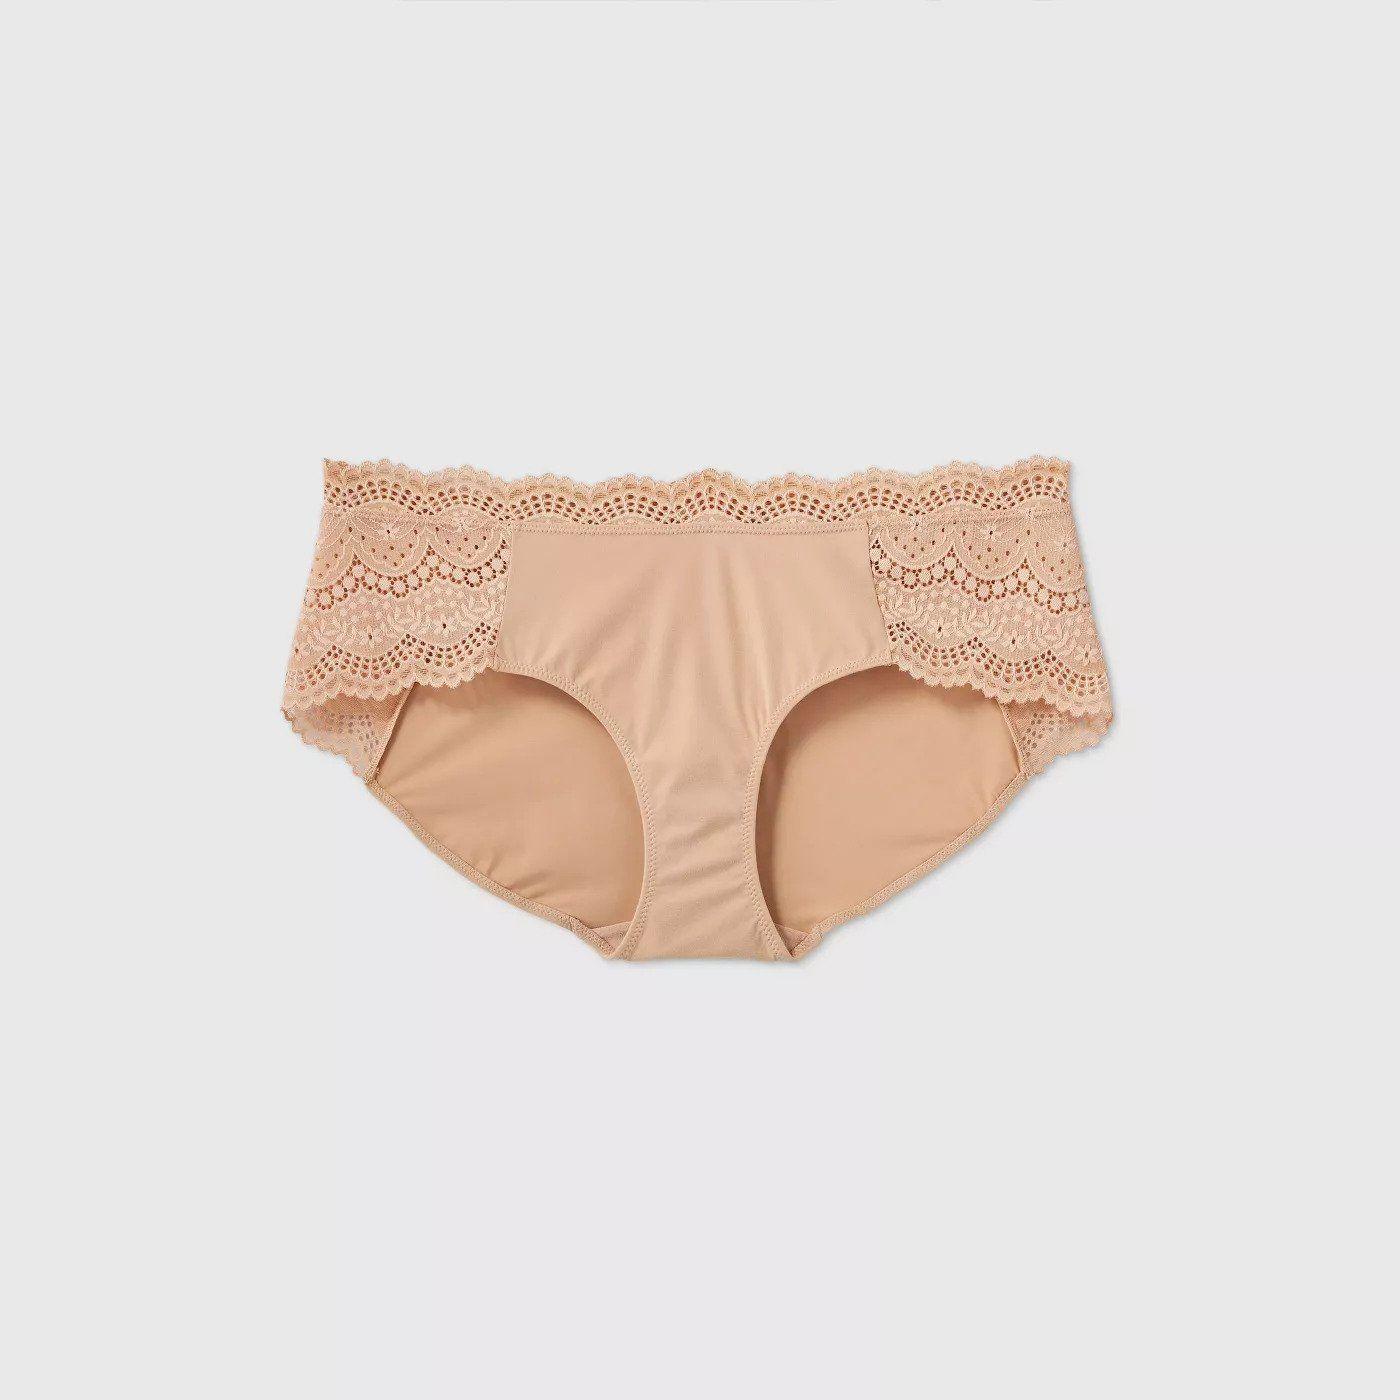 Ketahui 5 Jenis Celana Dalam Perempuan Sesuai Kebutuhan